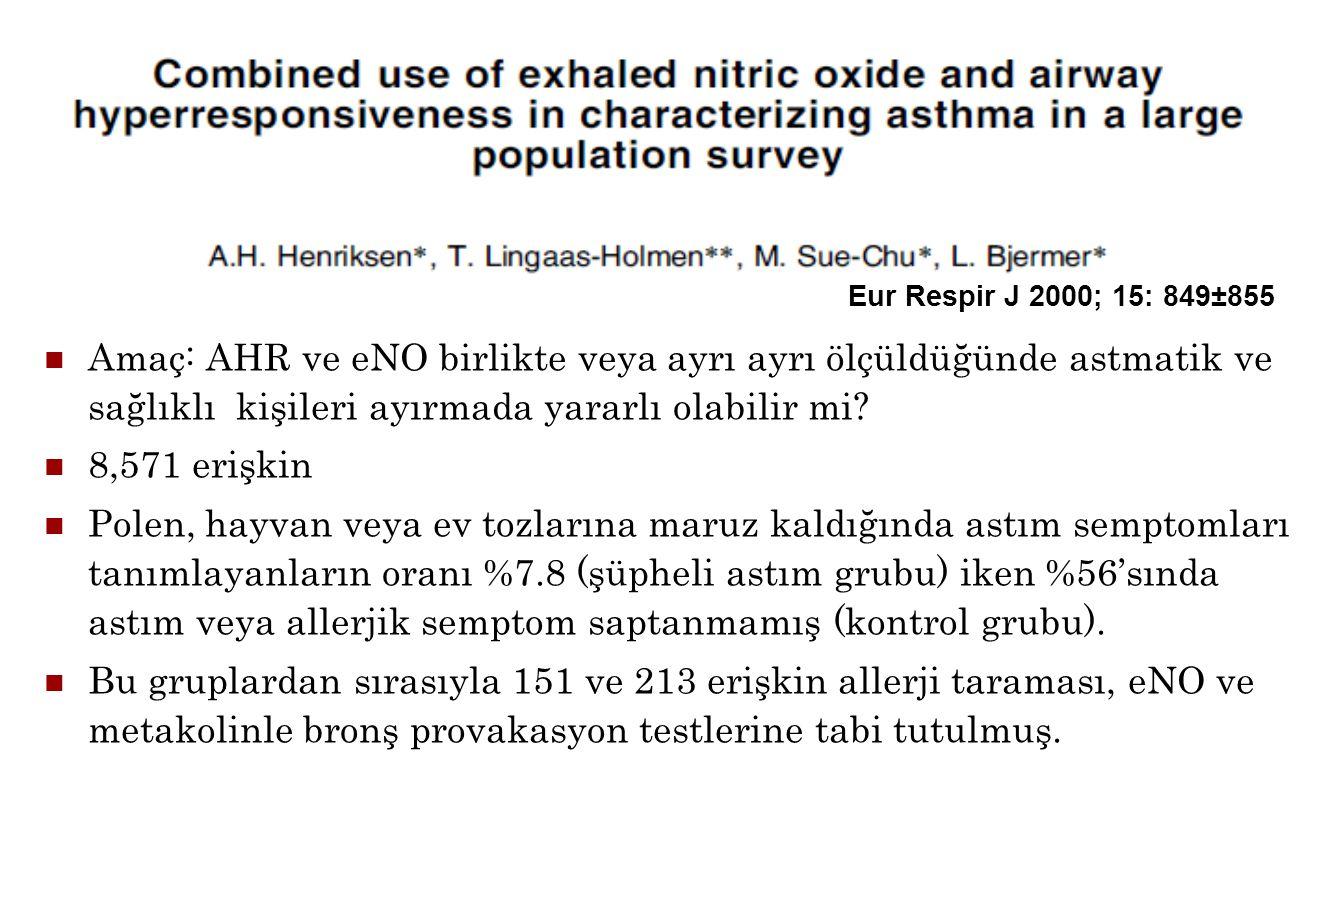 Eur Respir J 2000; 15: 849±855 Amaç: AHR ve eNO birlikte veya ayrı ayrı ölçüldüğünde astmatik ve sağlıklı kişileri ayırmada yararlı olabilir mi? 8,571